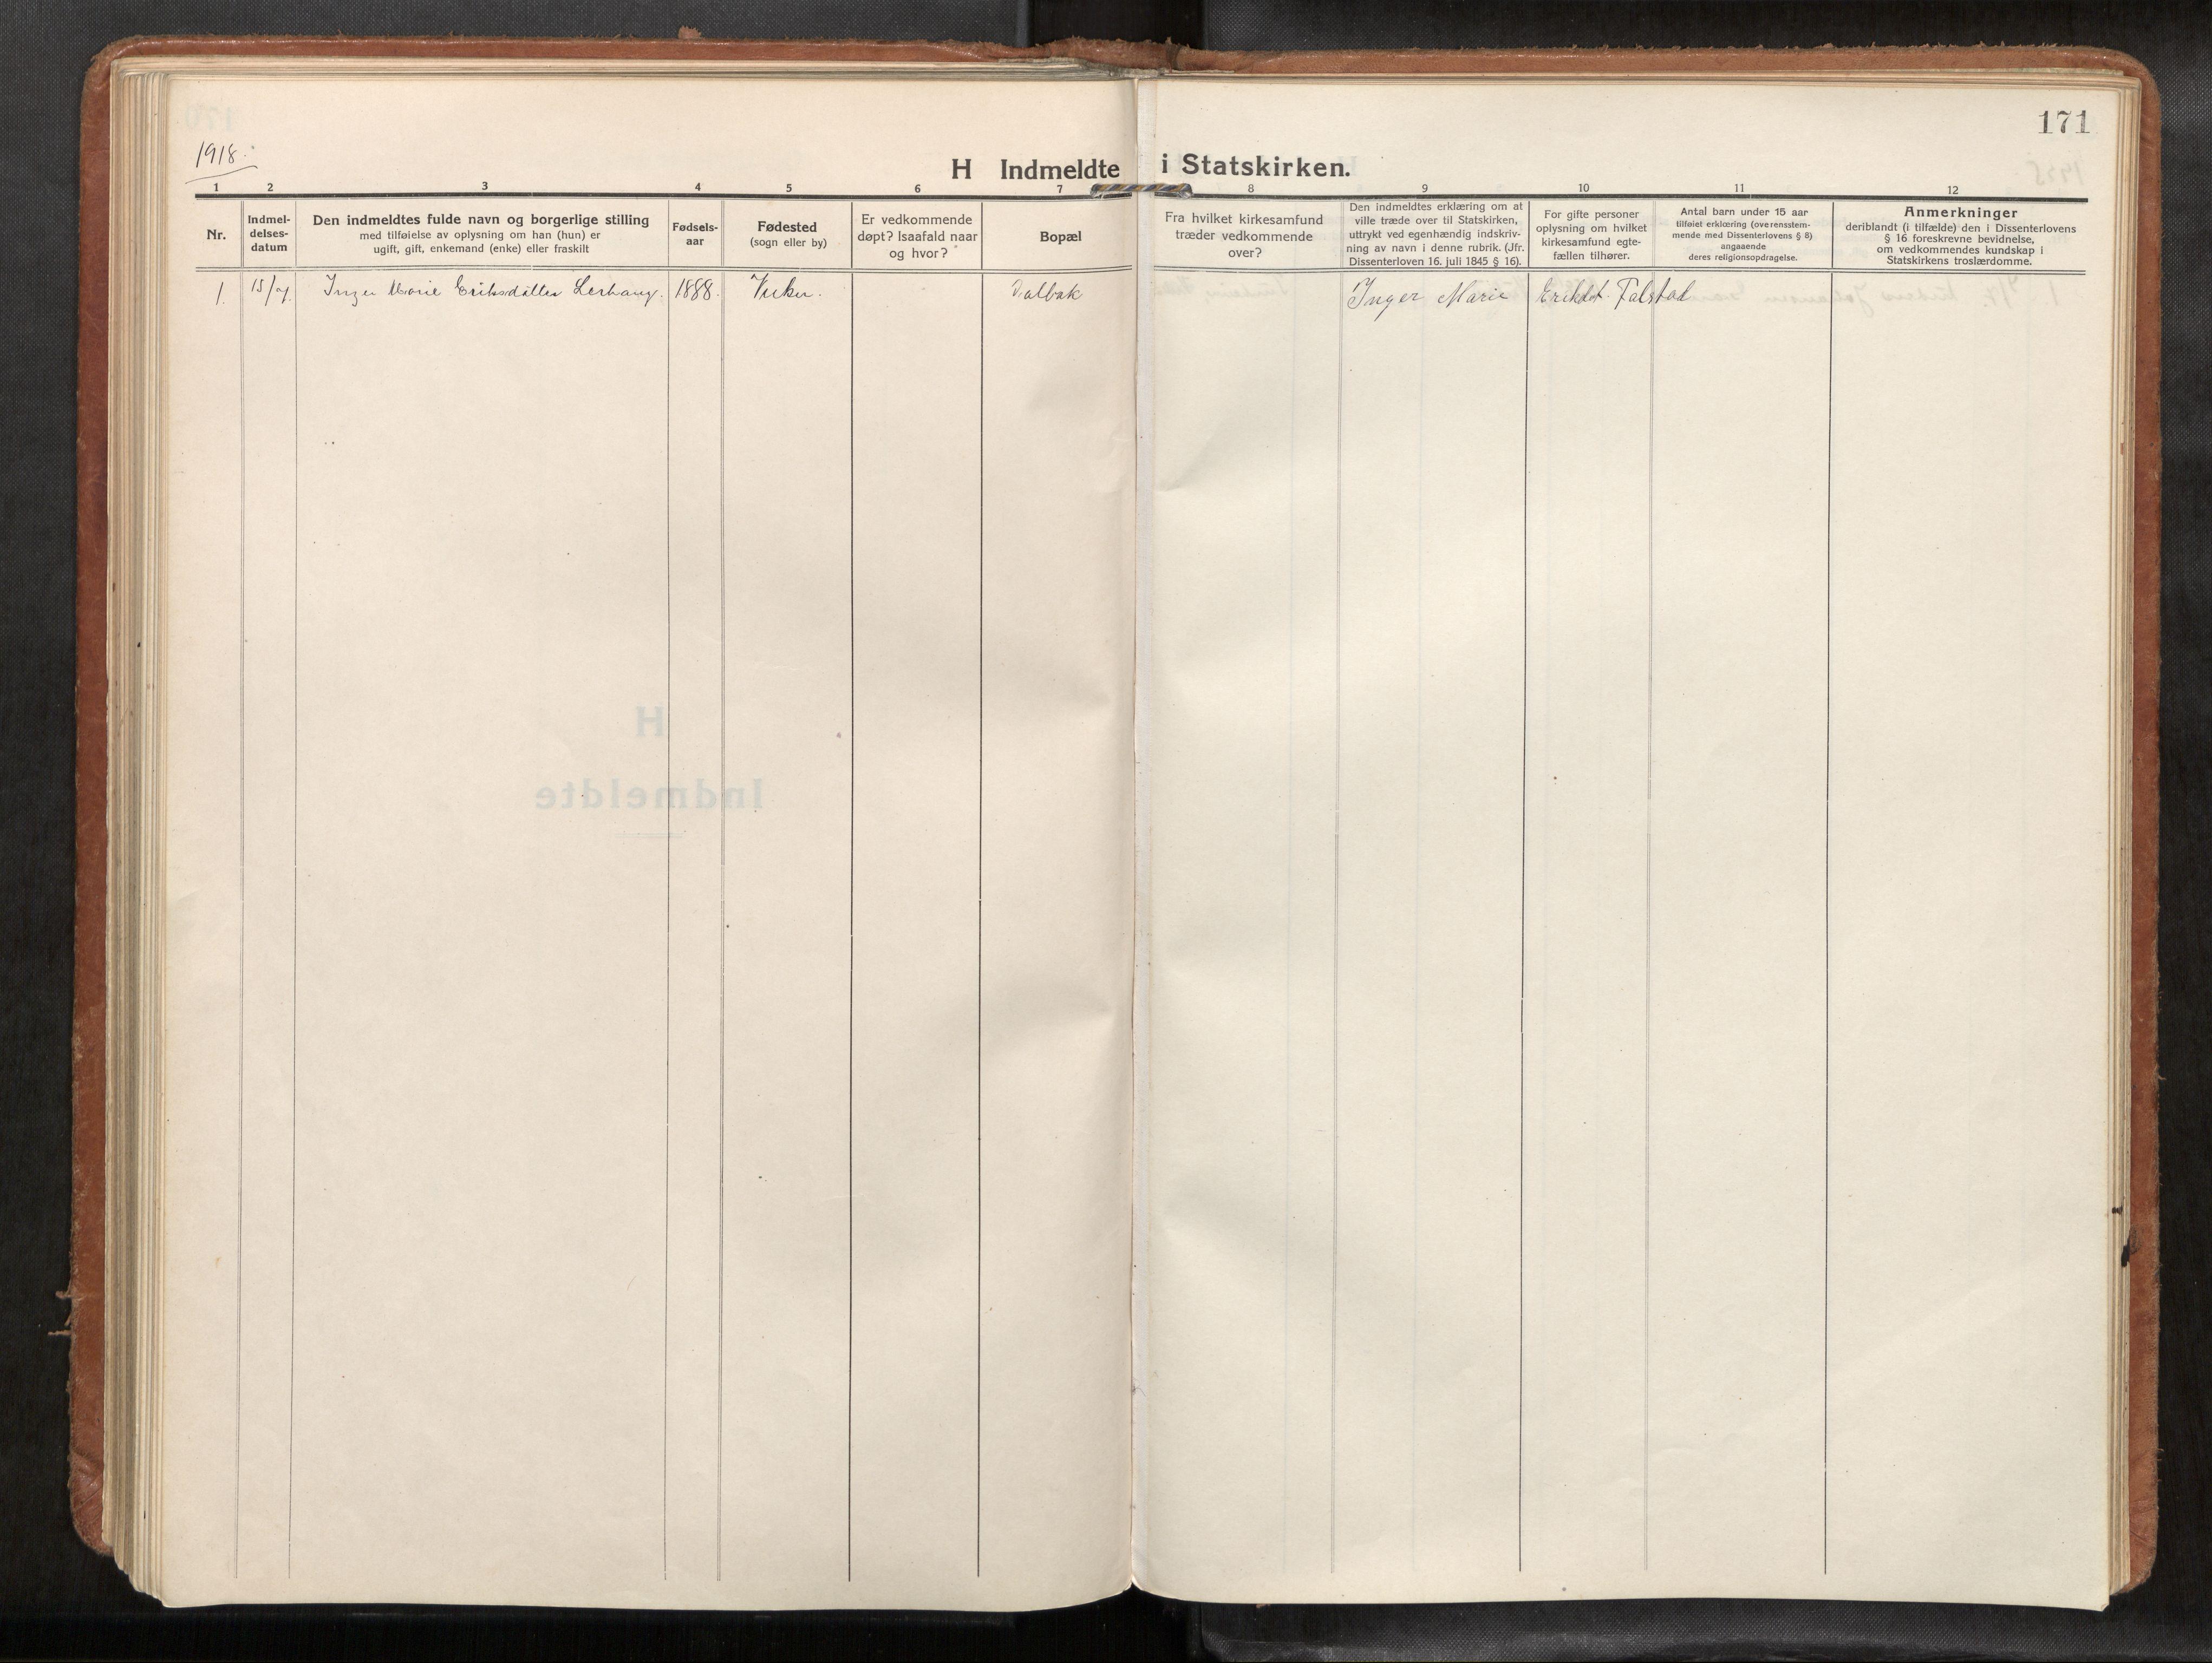 SAT, Verdal sokneprestkontor*, Ministerialbok nr. 1, 1916-1928, s. 171